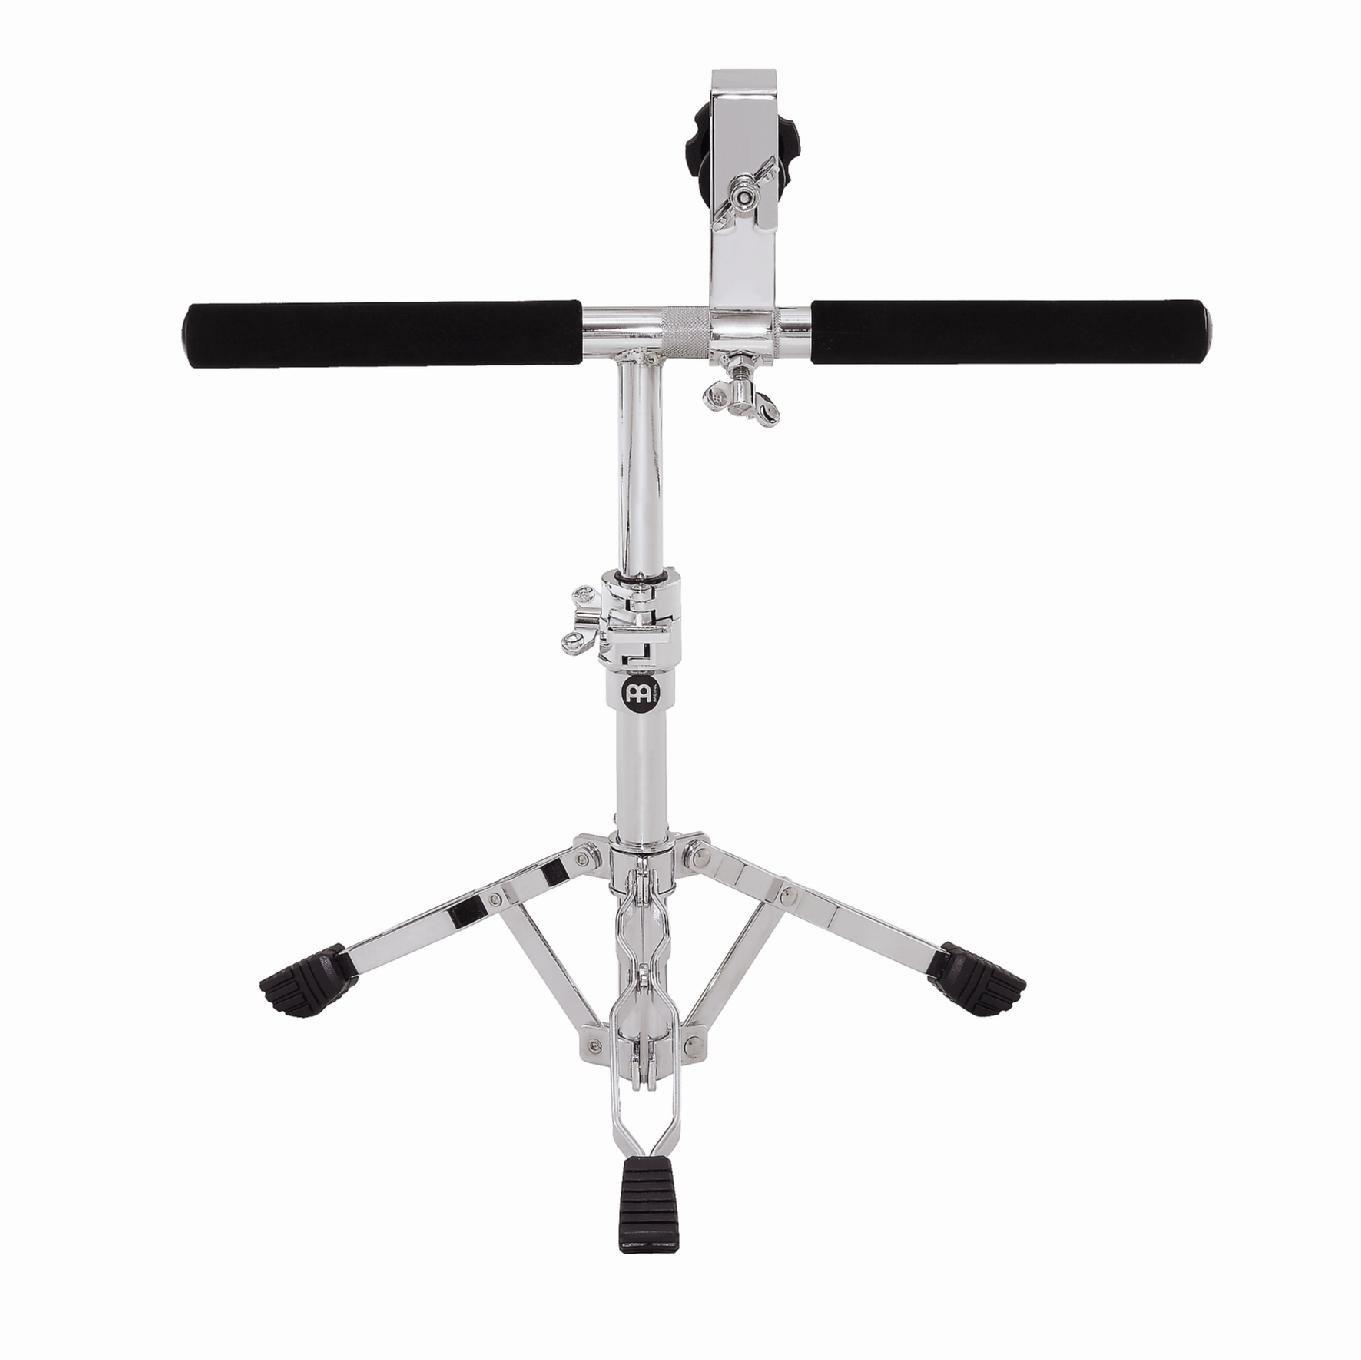 正規通販 MEINL Percussion TMB-S マイネル ボンゴスタンド Seated Professional Bongo Stand for Percussion Seated Players TMB-S【国内正規品】 B0007XVJH8, カツラオムラ:d0ae444f --- a0267596.xsph.ru